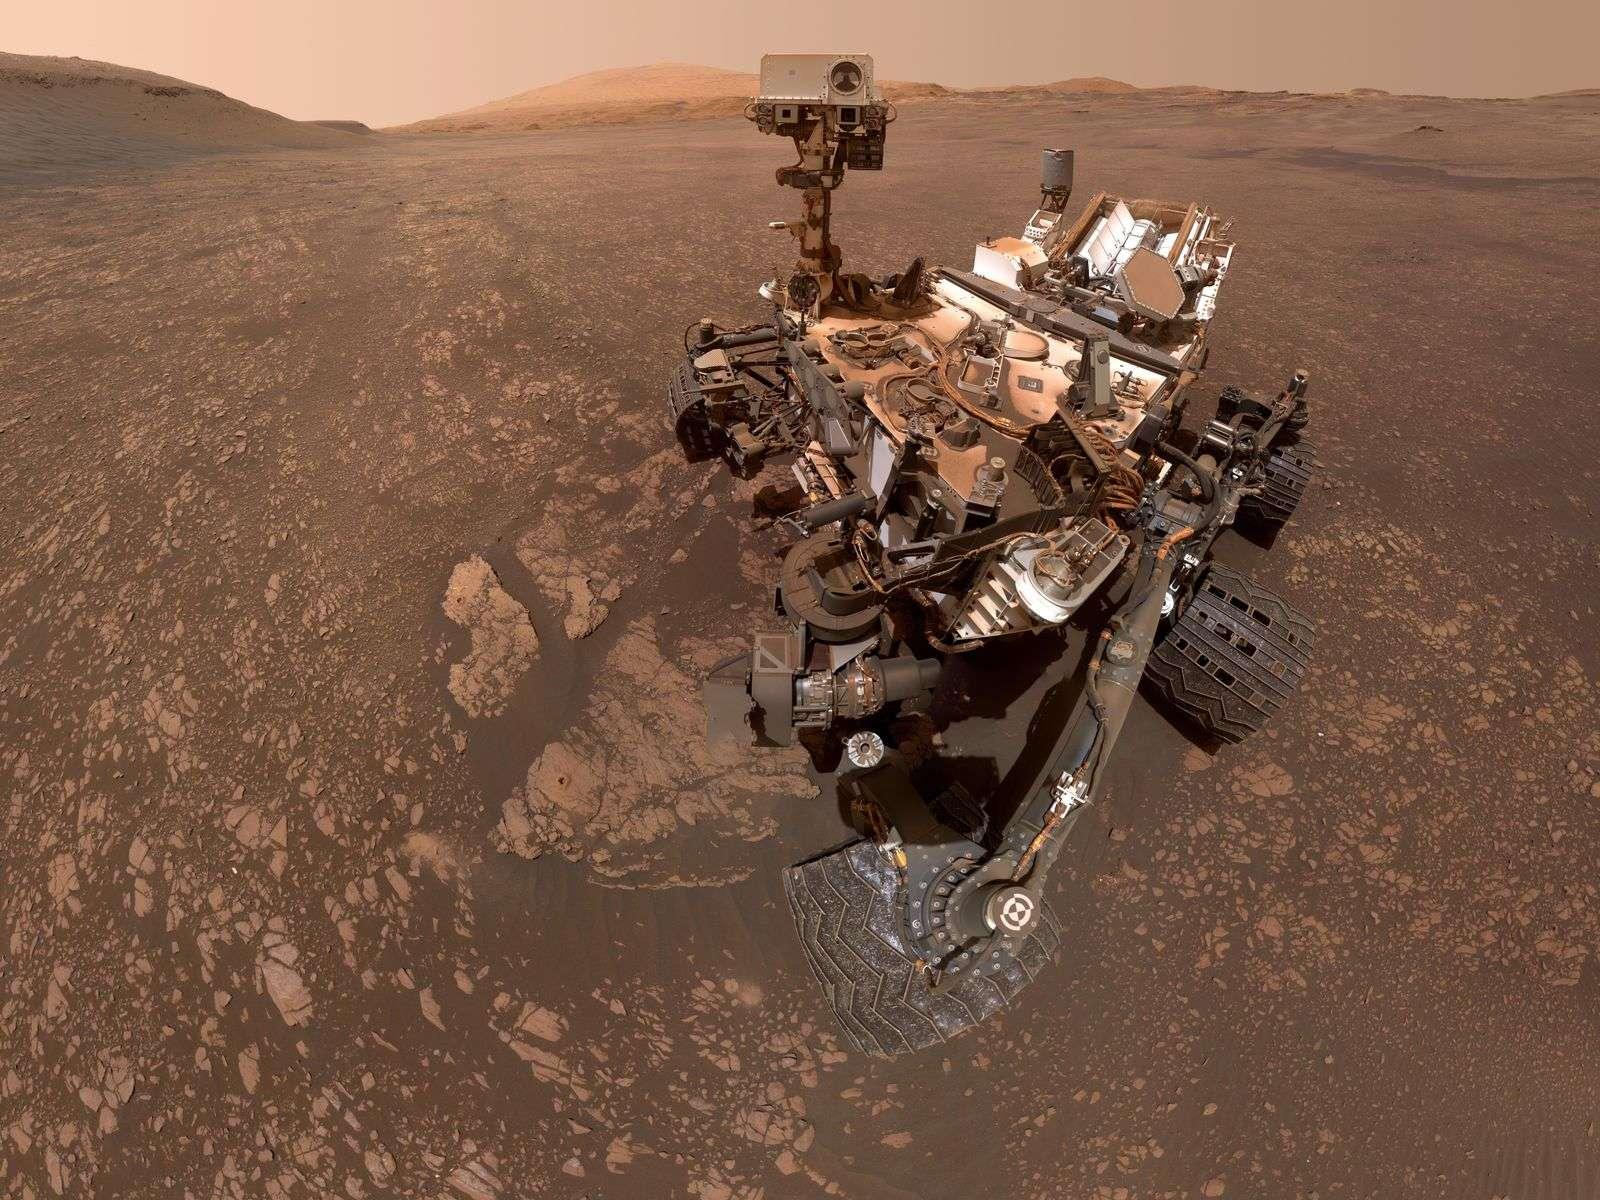 Selfie de Curiosity sur Mars. Son presque-jumeau Mars 2020 est en préparation. Son lancement est prévu pour juillet 2020. Nasa, JPL-Caltech